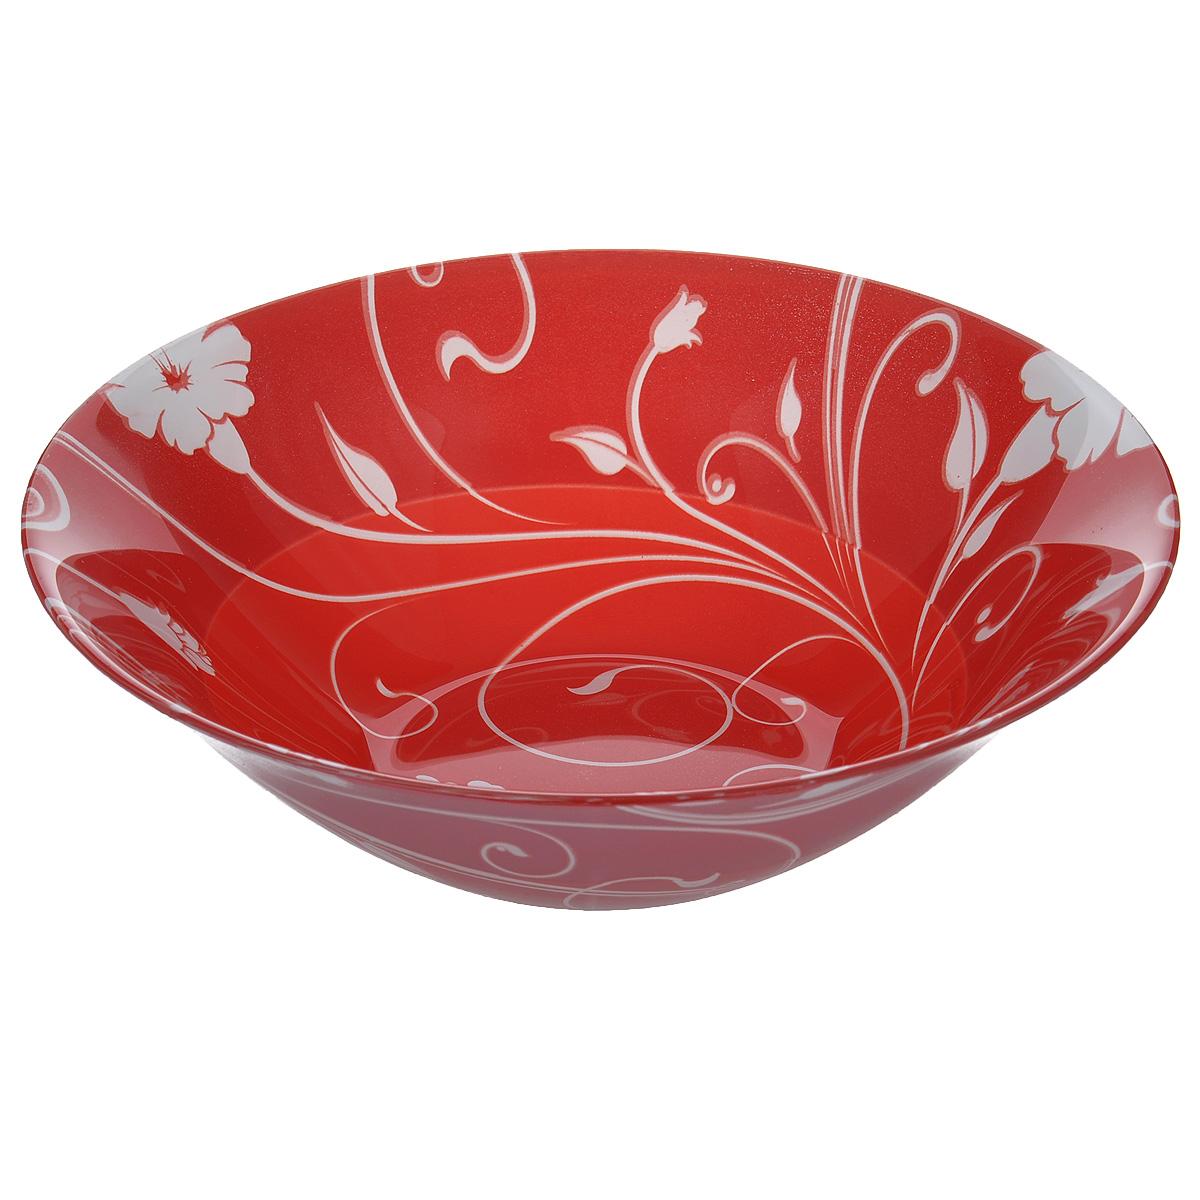 Салатник Pasabahce Red Serenade, цвет: красный, диаметр 23 см54 009312Салатник Pasabahce Red Serenade выполнен из закаленного стекла. Изделие украшено изысканным цветочным орнаментом. Внешняя сторона - матовая.Набор прекрасно подойдет для сервировки различных блюд. Яркий дизайн украсит стол и порадует вас и ваших гостей. Нельзя использовать в микроволновой печи. Можно использовать в морозильной камере.Диаметр салатника: 23 см. Высота салатника: 7 см.